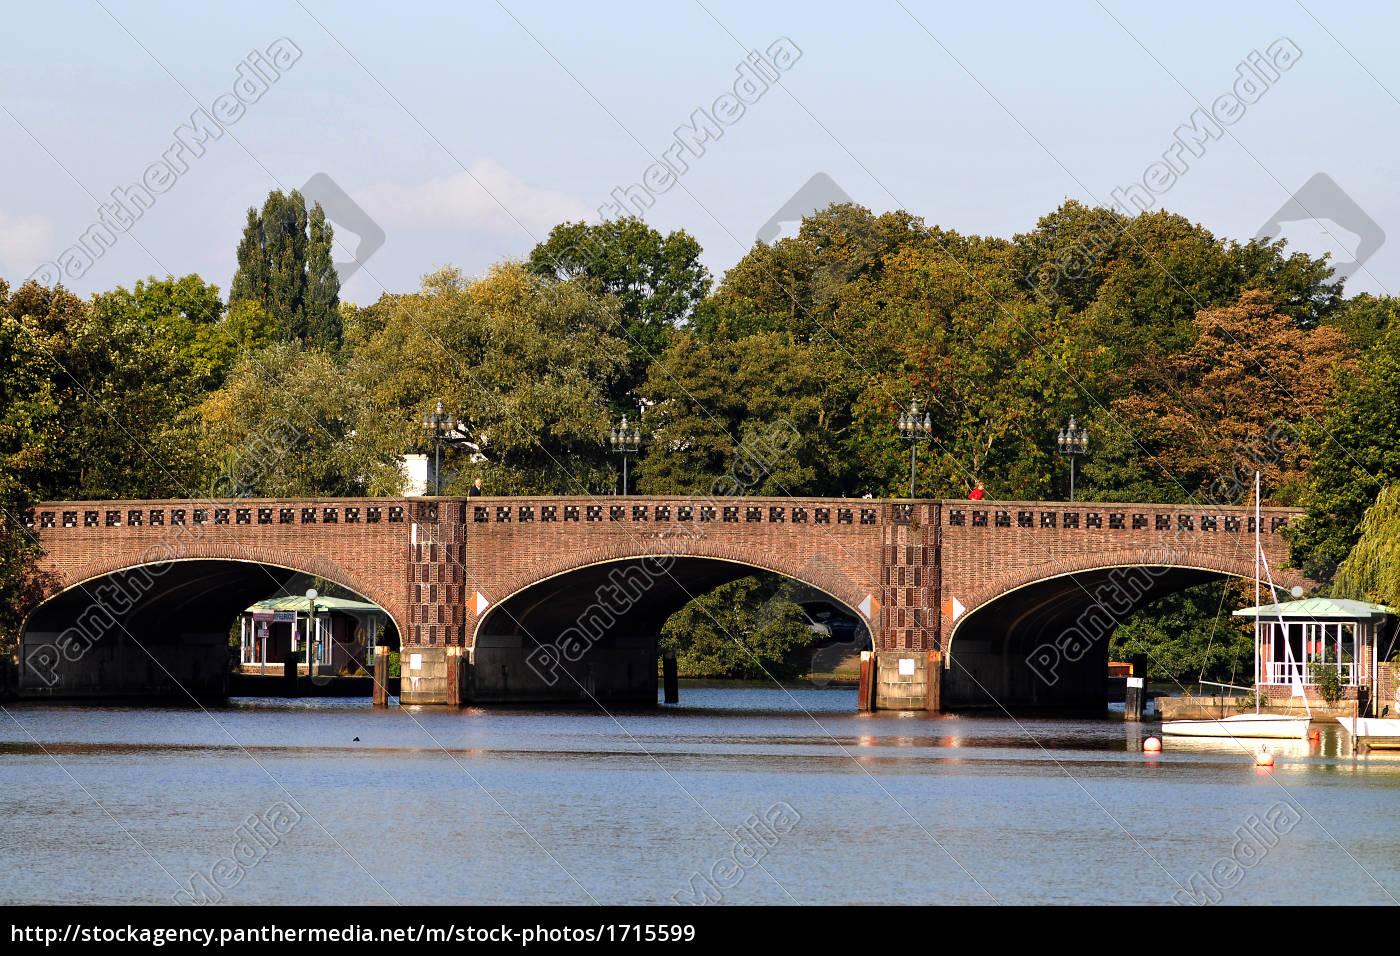 krugkoppelbrücke - 1715599